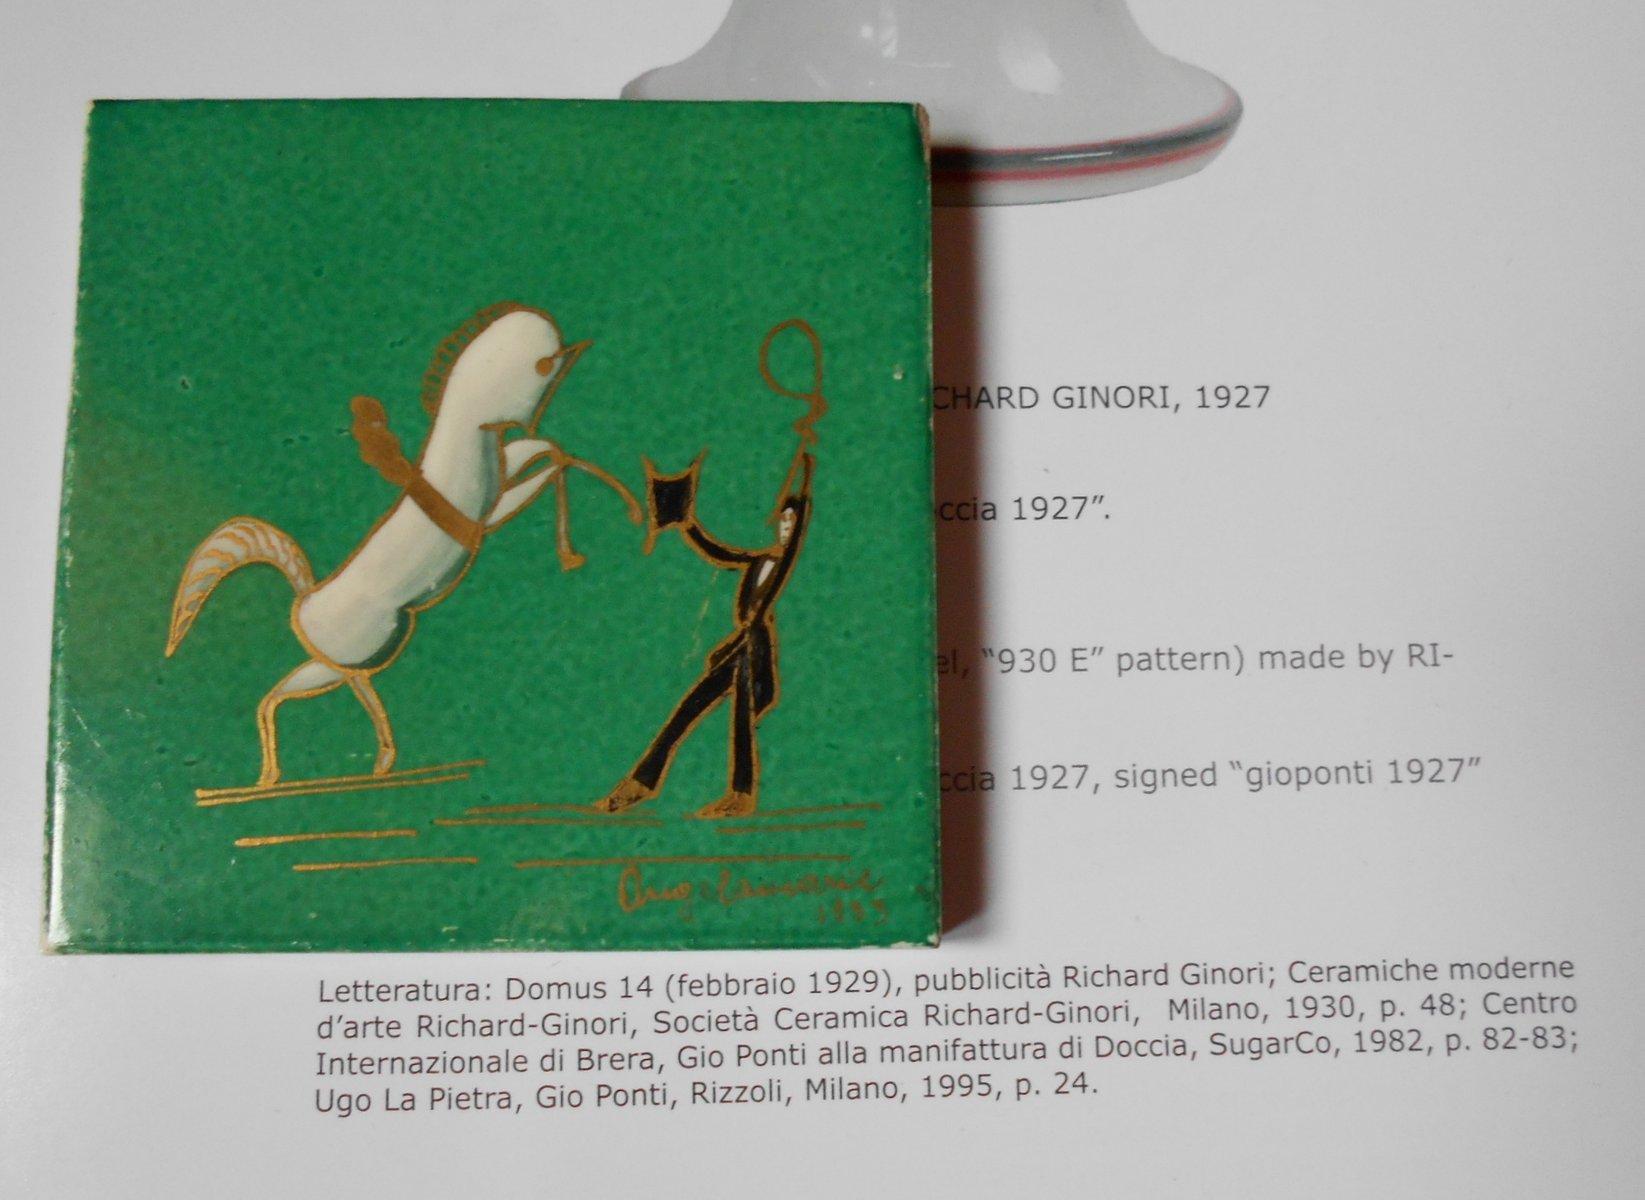 Piastrella art décp in ceramica di gio ponti per richard ginori